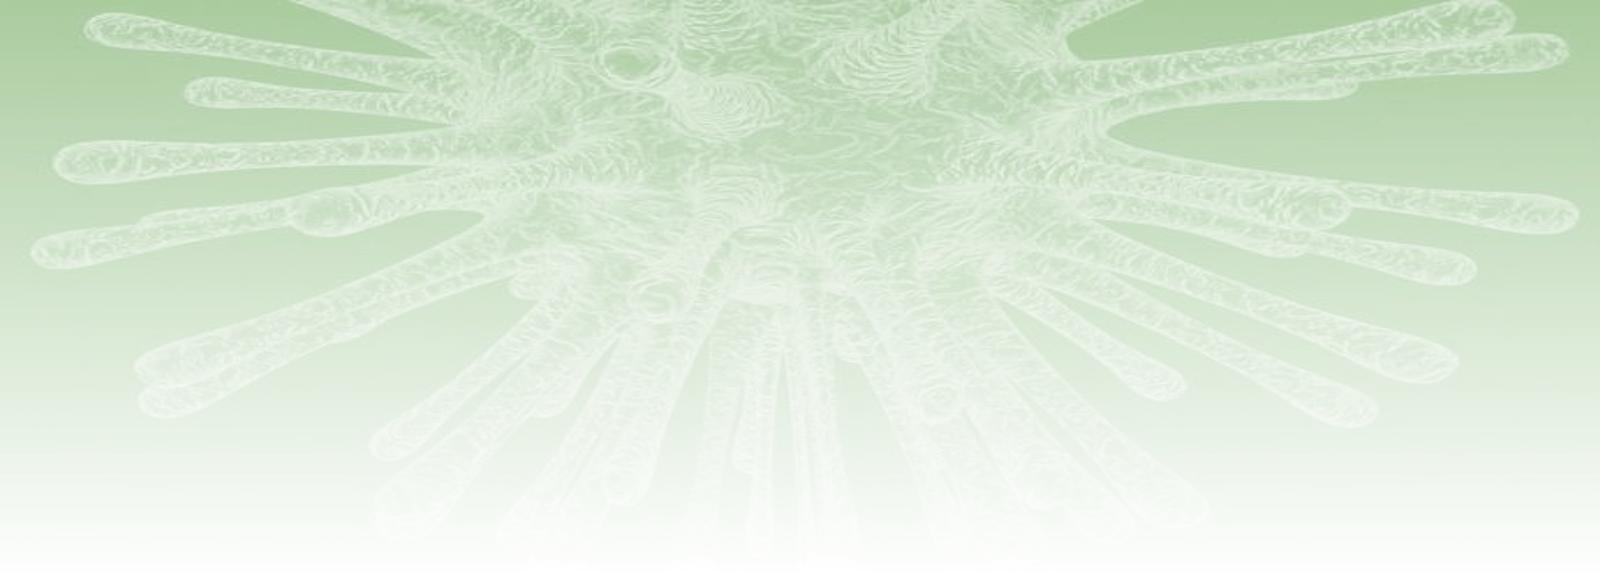 Virus vert dégradé